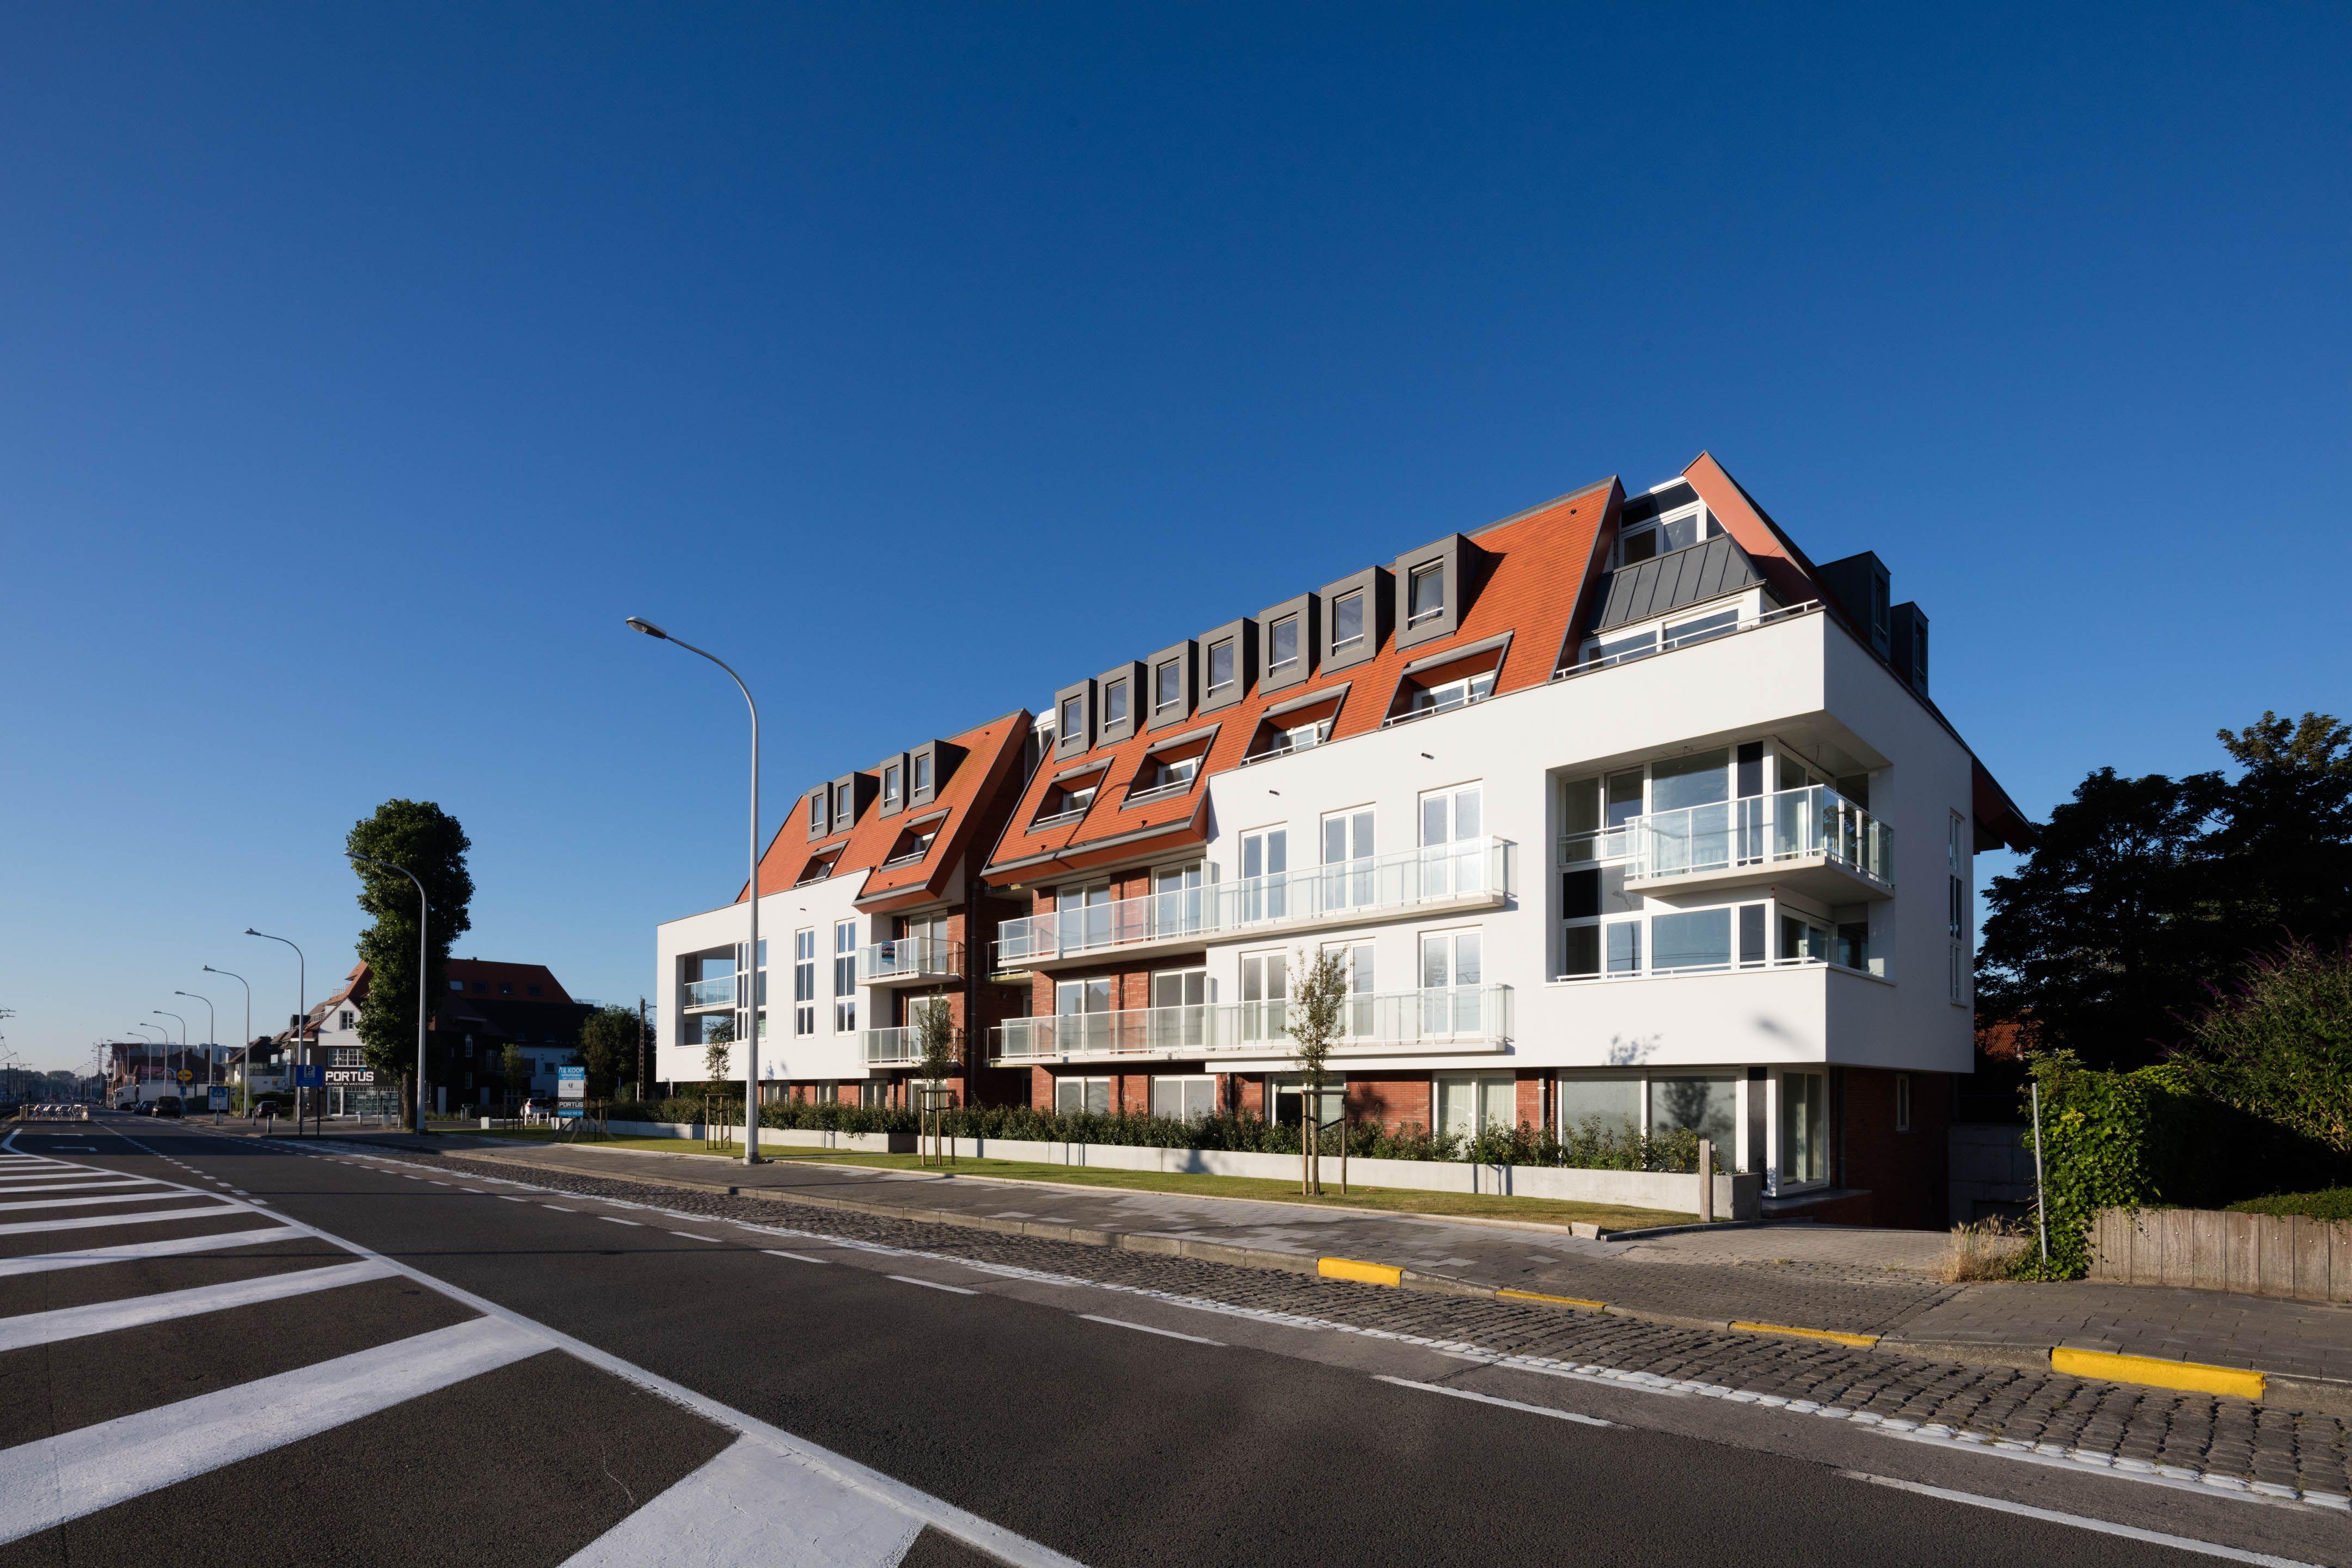 Appartement Residentie Villa Crombez Nieuwpoort - 9259